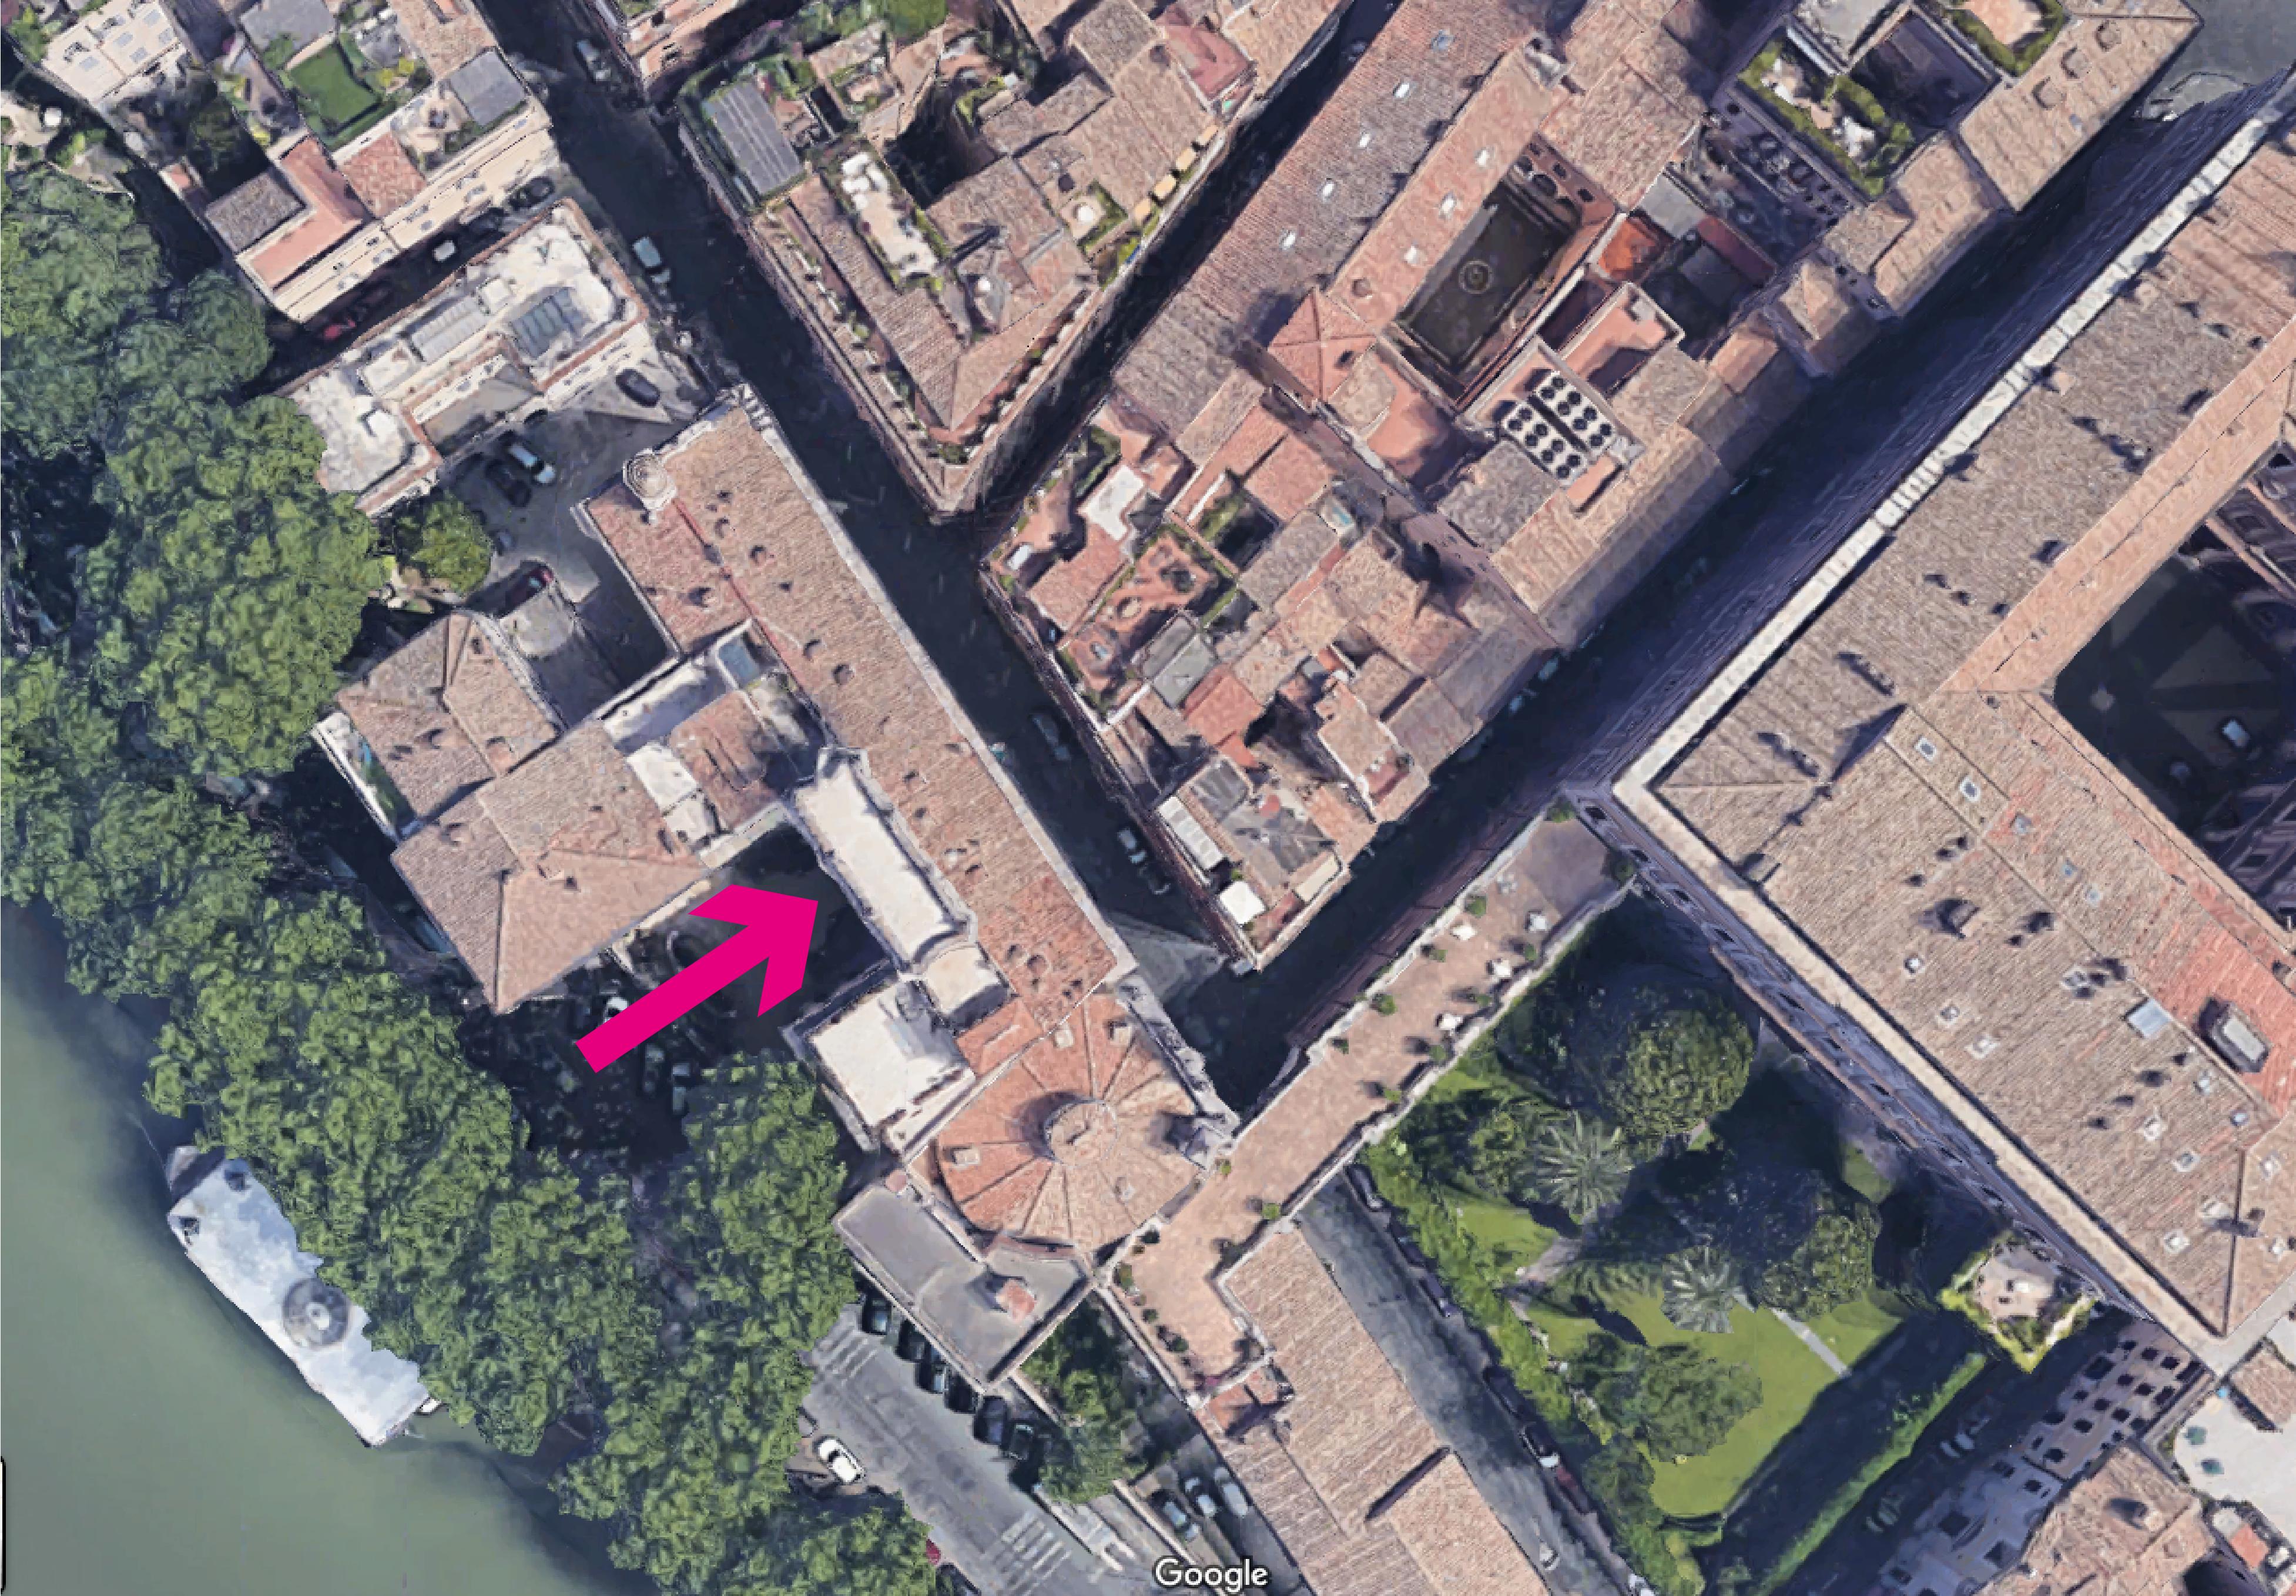 La flecha señala la altana del Palacio Falconieri en Vía Giulia (la Via Giulia se desarrolla en paralelo al Tíber)